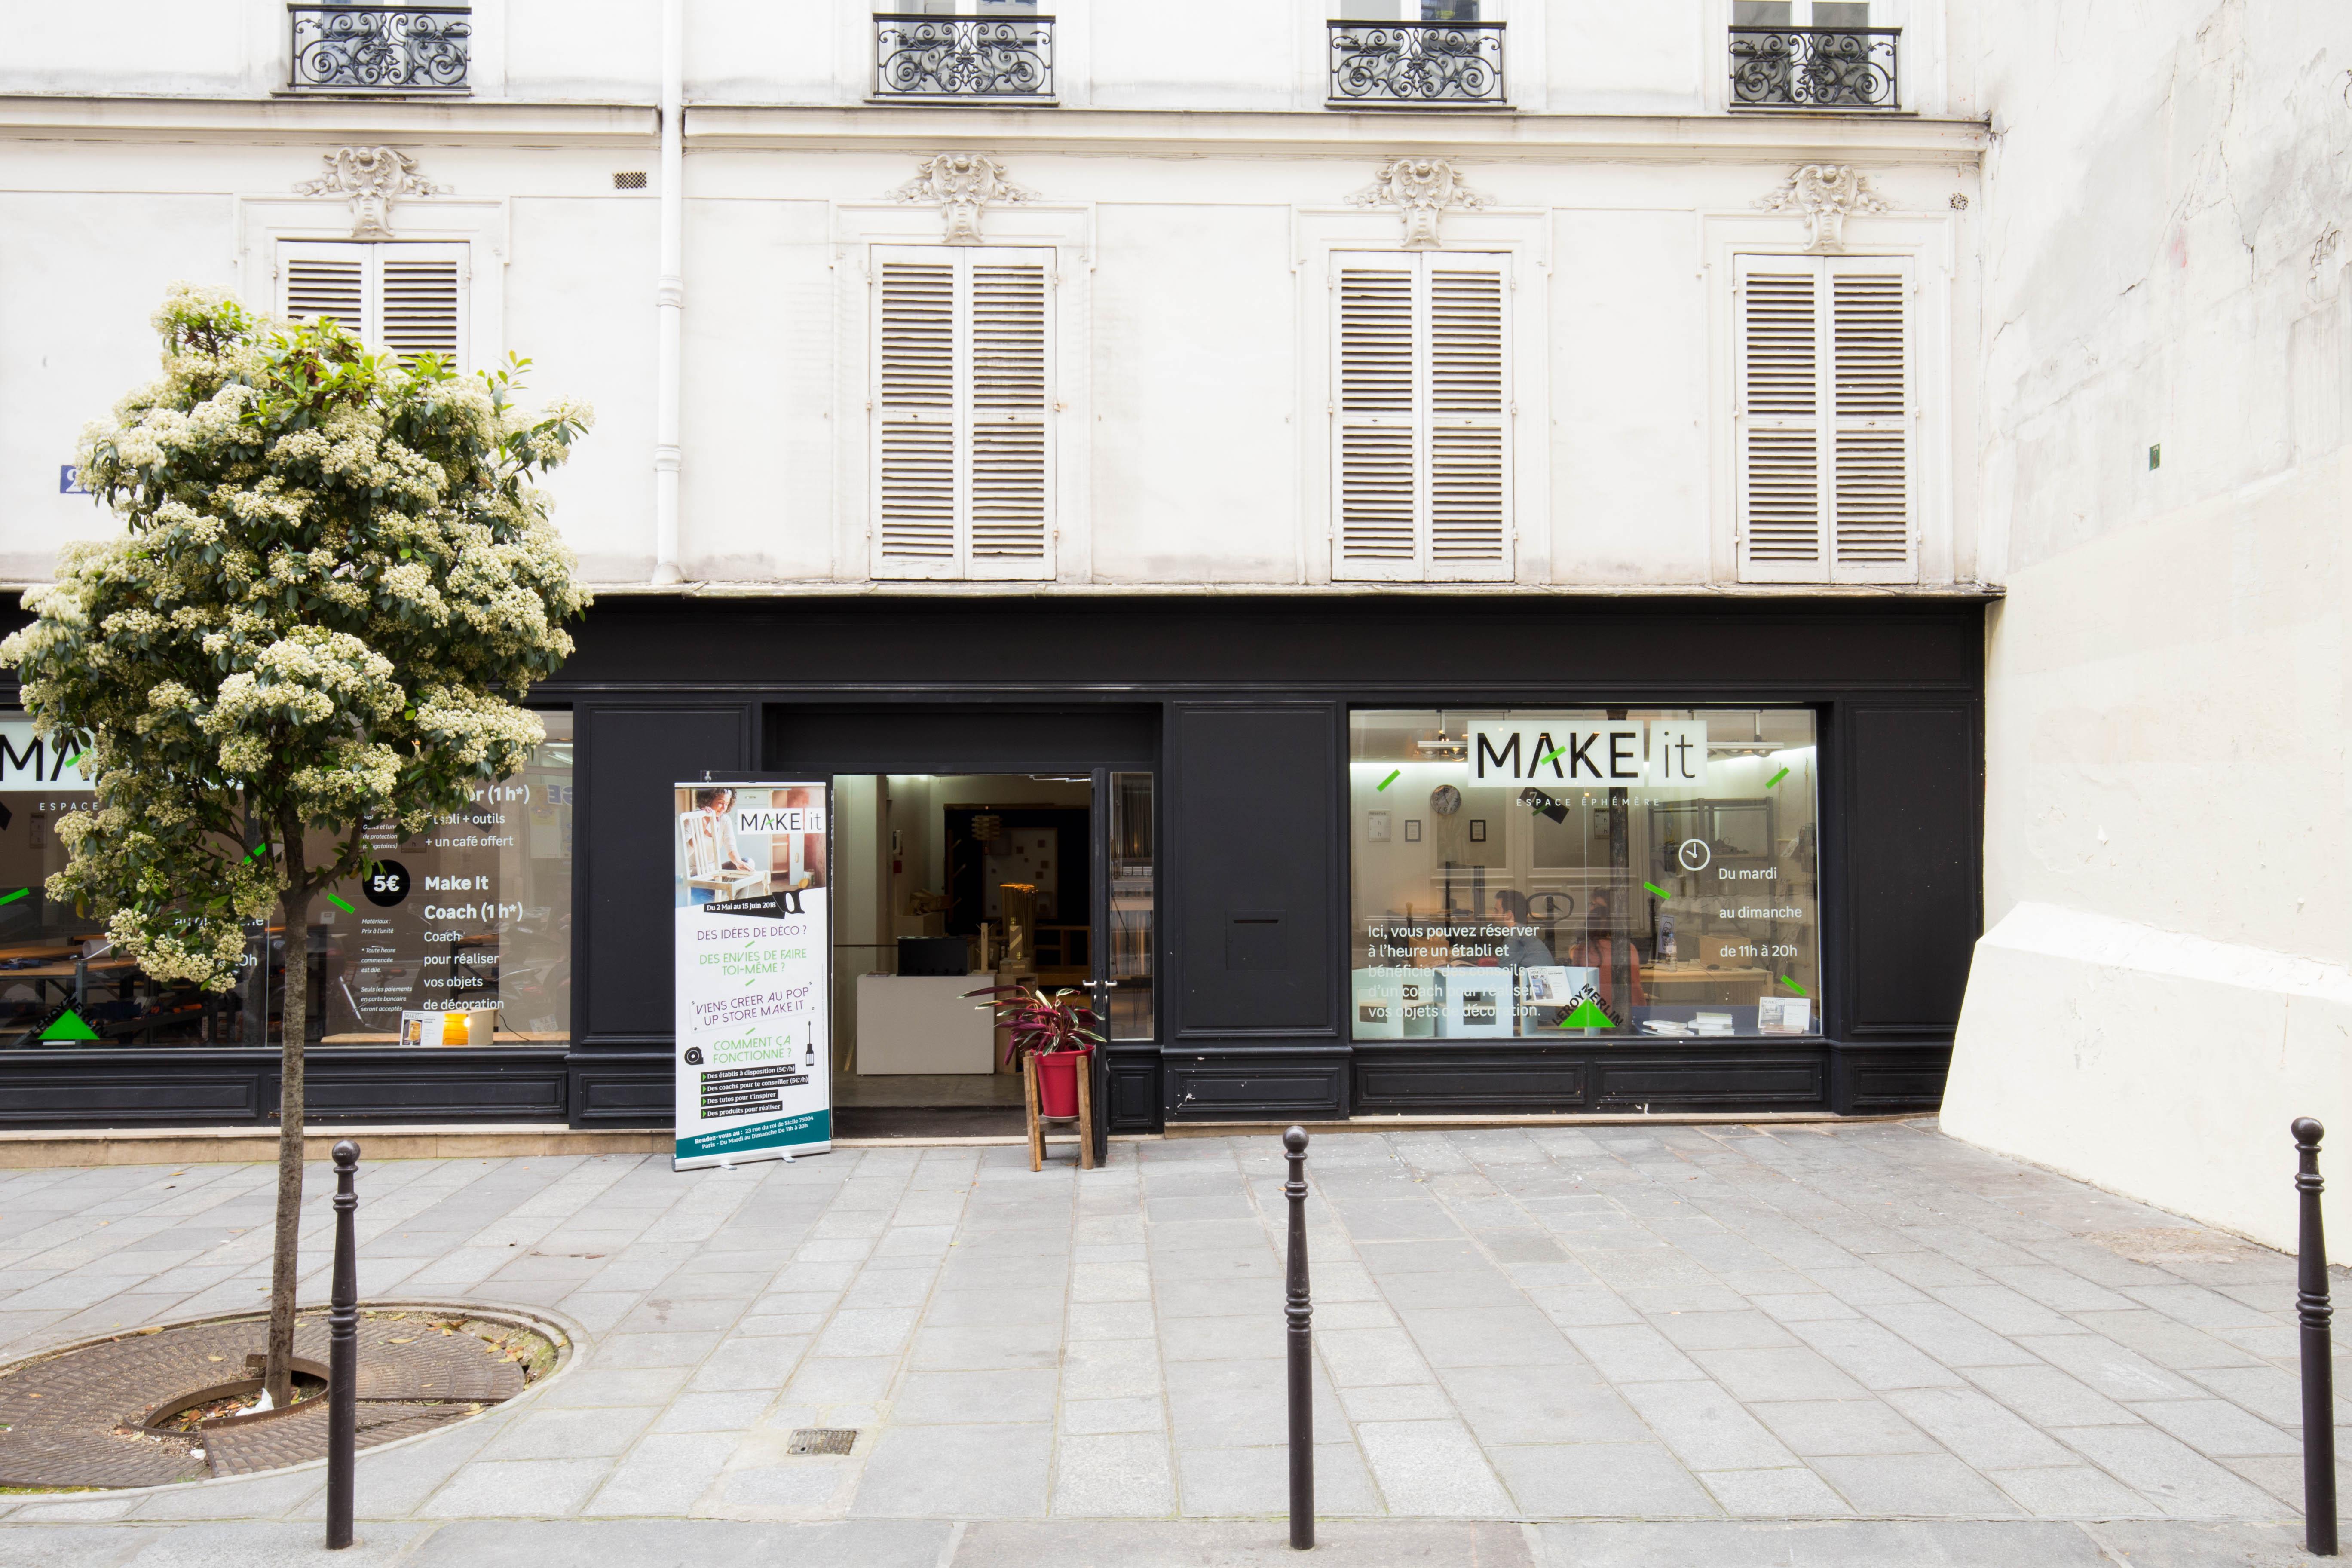 leroy merlin un pop up store pour conqu rir une nouvelle cible storefront blog. Black Bedroom Furniture Sets. Home Design Ideas